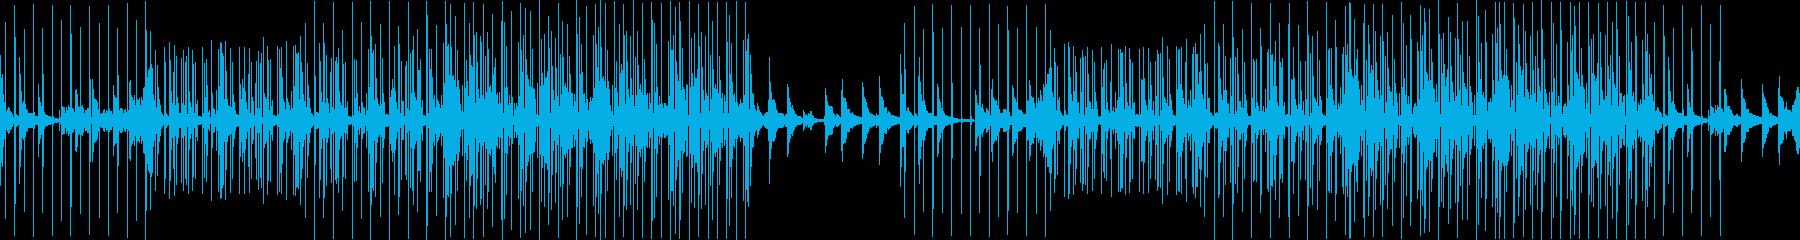 実験的な電子機器で怠惰な曲の再生済みの波形